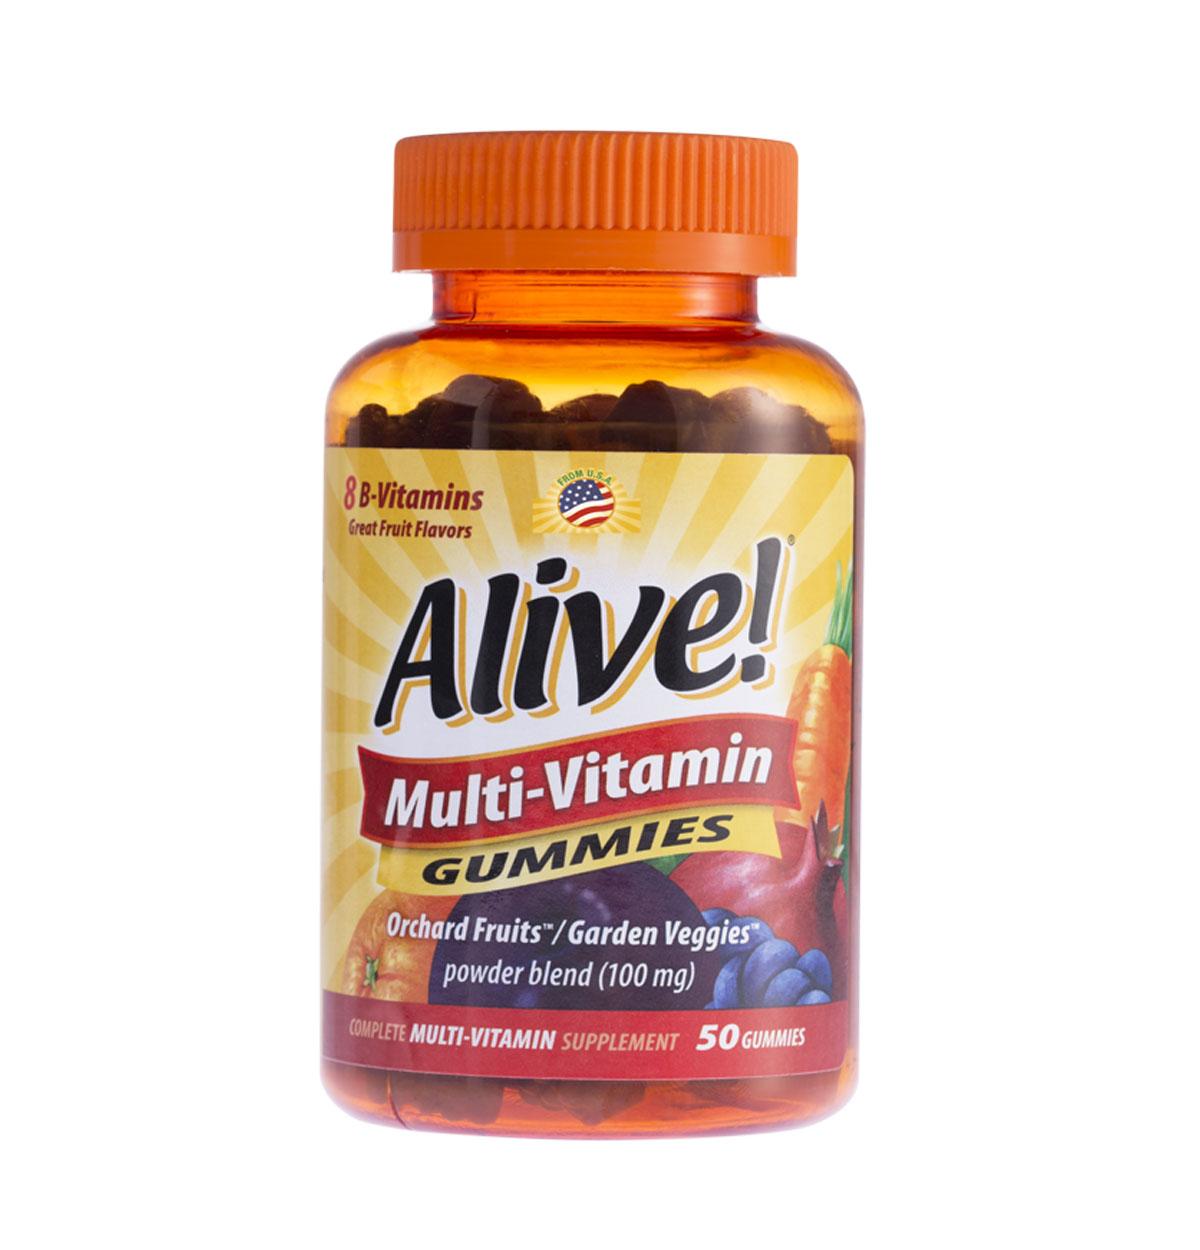 Alive! Adult Multi-Vitamin Gummies ขนาด 50 กัมมี่